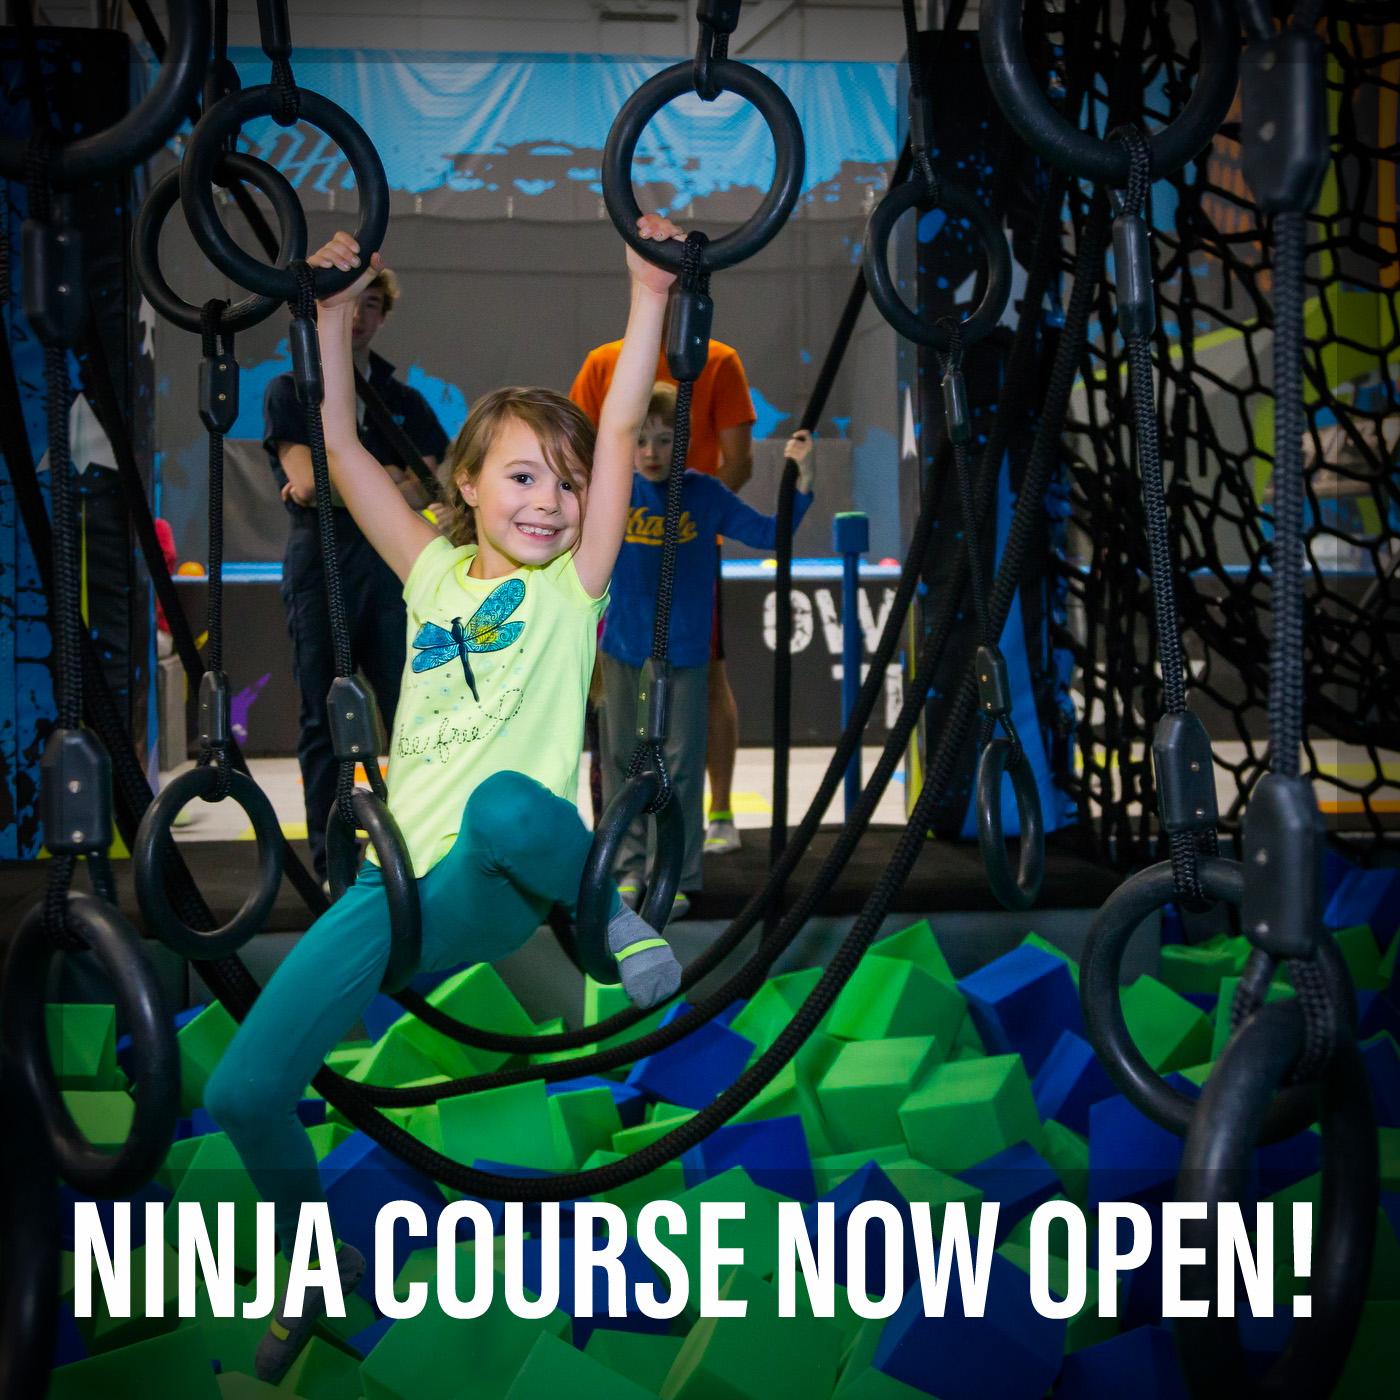 ninja-course-open